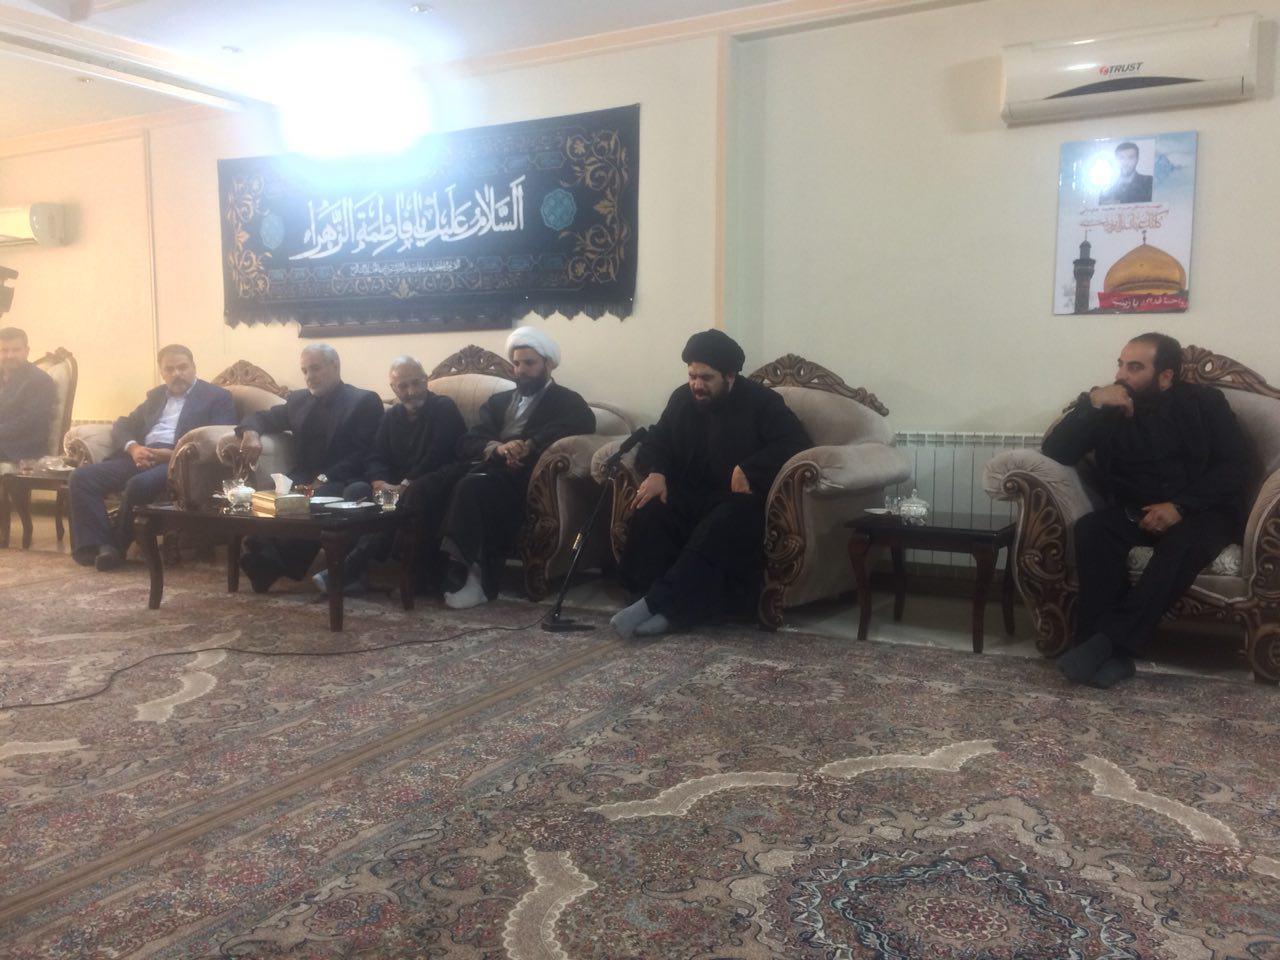 تجلیل از مقام شامخ شهید محمد جاودانی